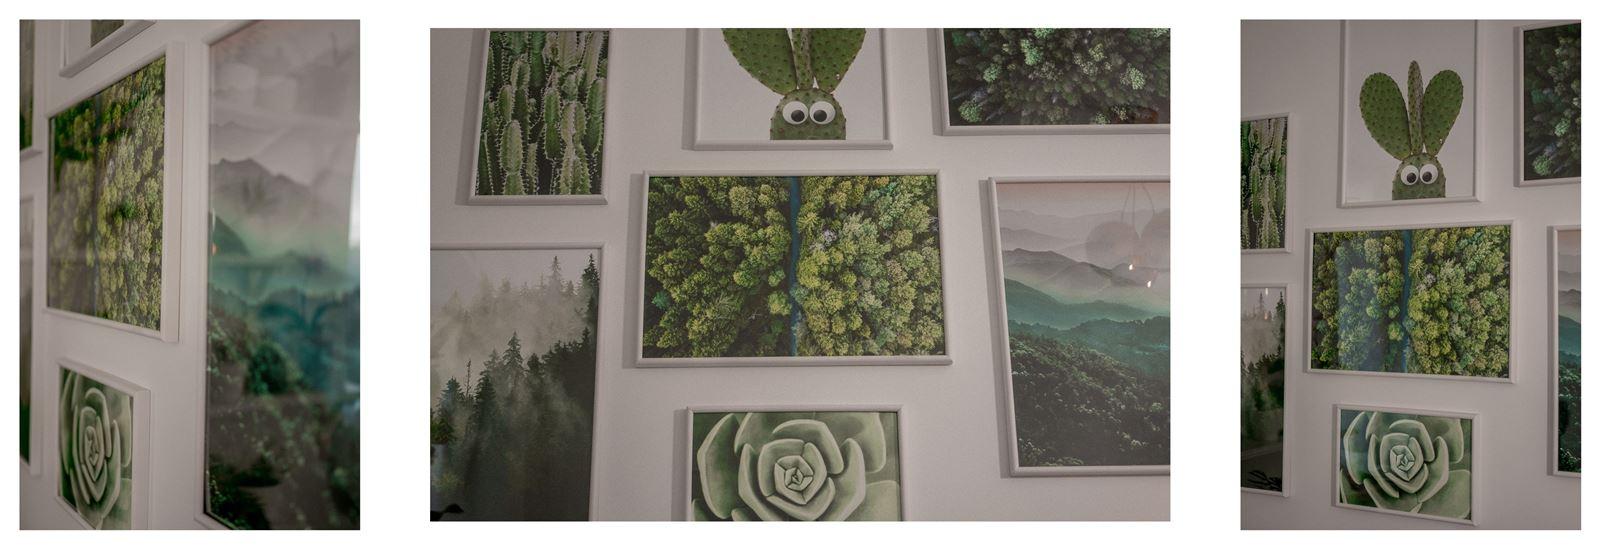 12a jak urządzić biuro w domu - dekoracje do biura, zielona ściana w mieszkaniu, jak zaprojektować galerię plakatów, plakaty krajobrazy rośliny na ścianę jak zawiesić obraz na ścianie galeria plakatów